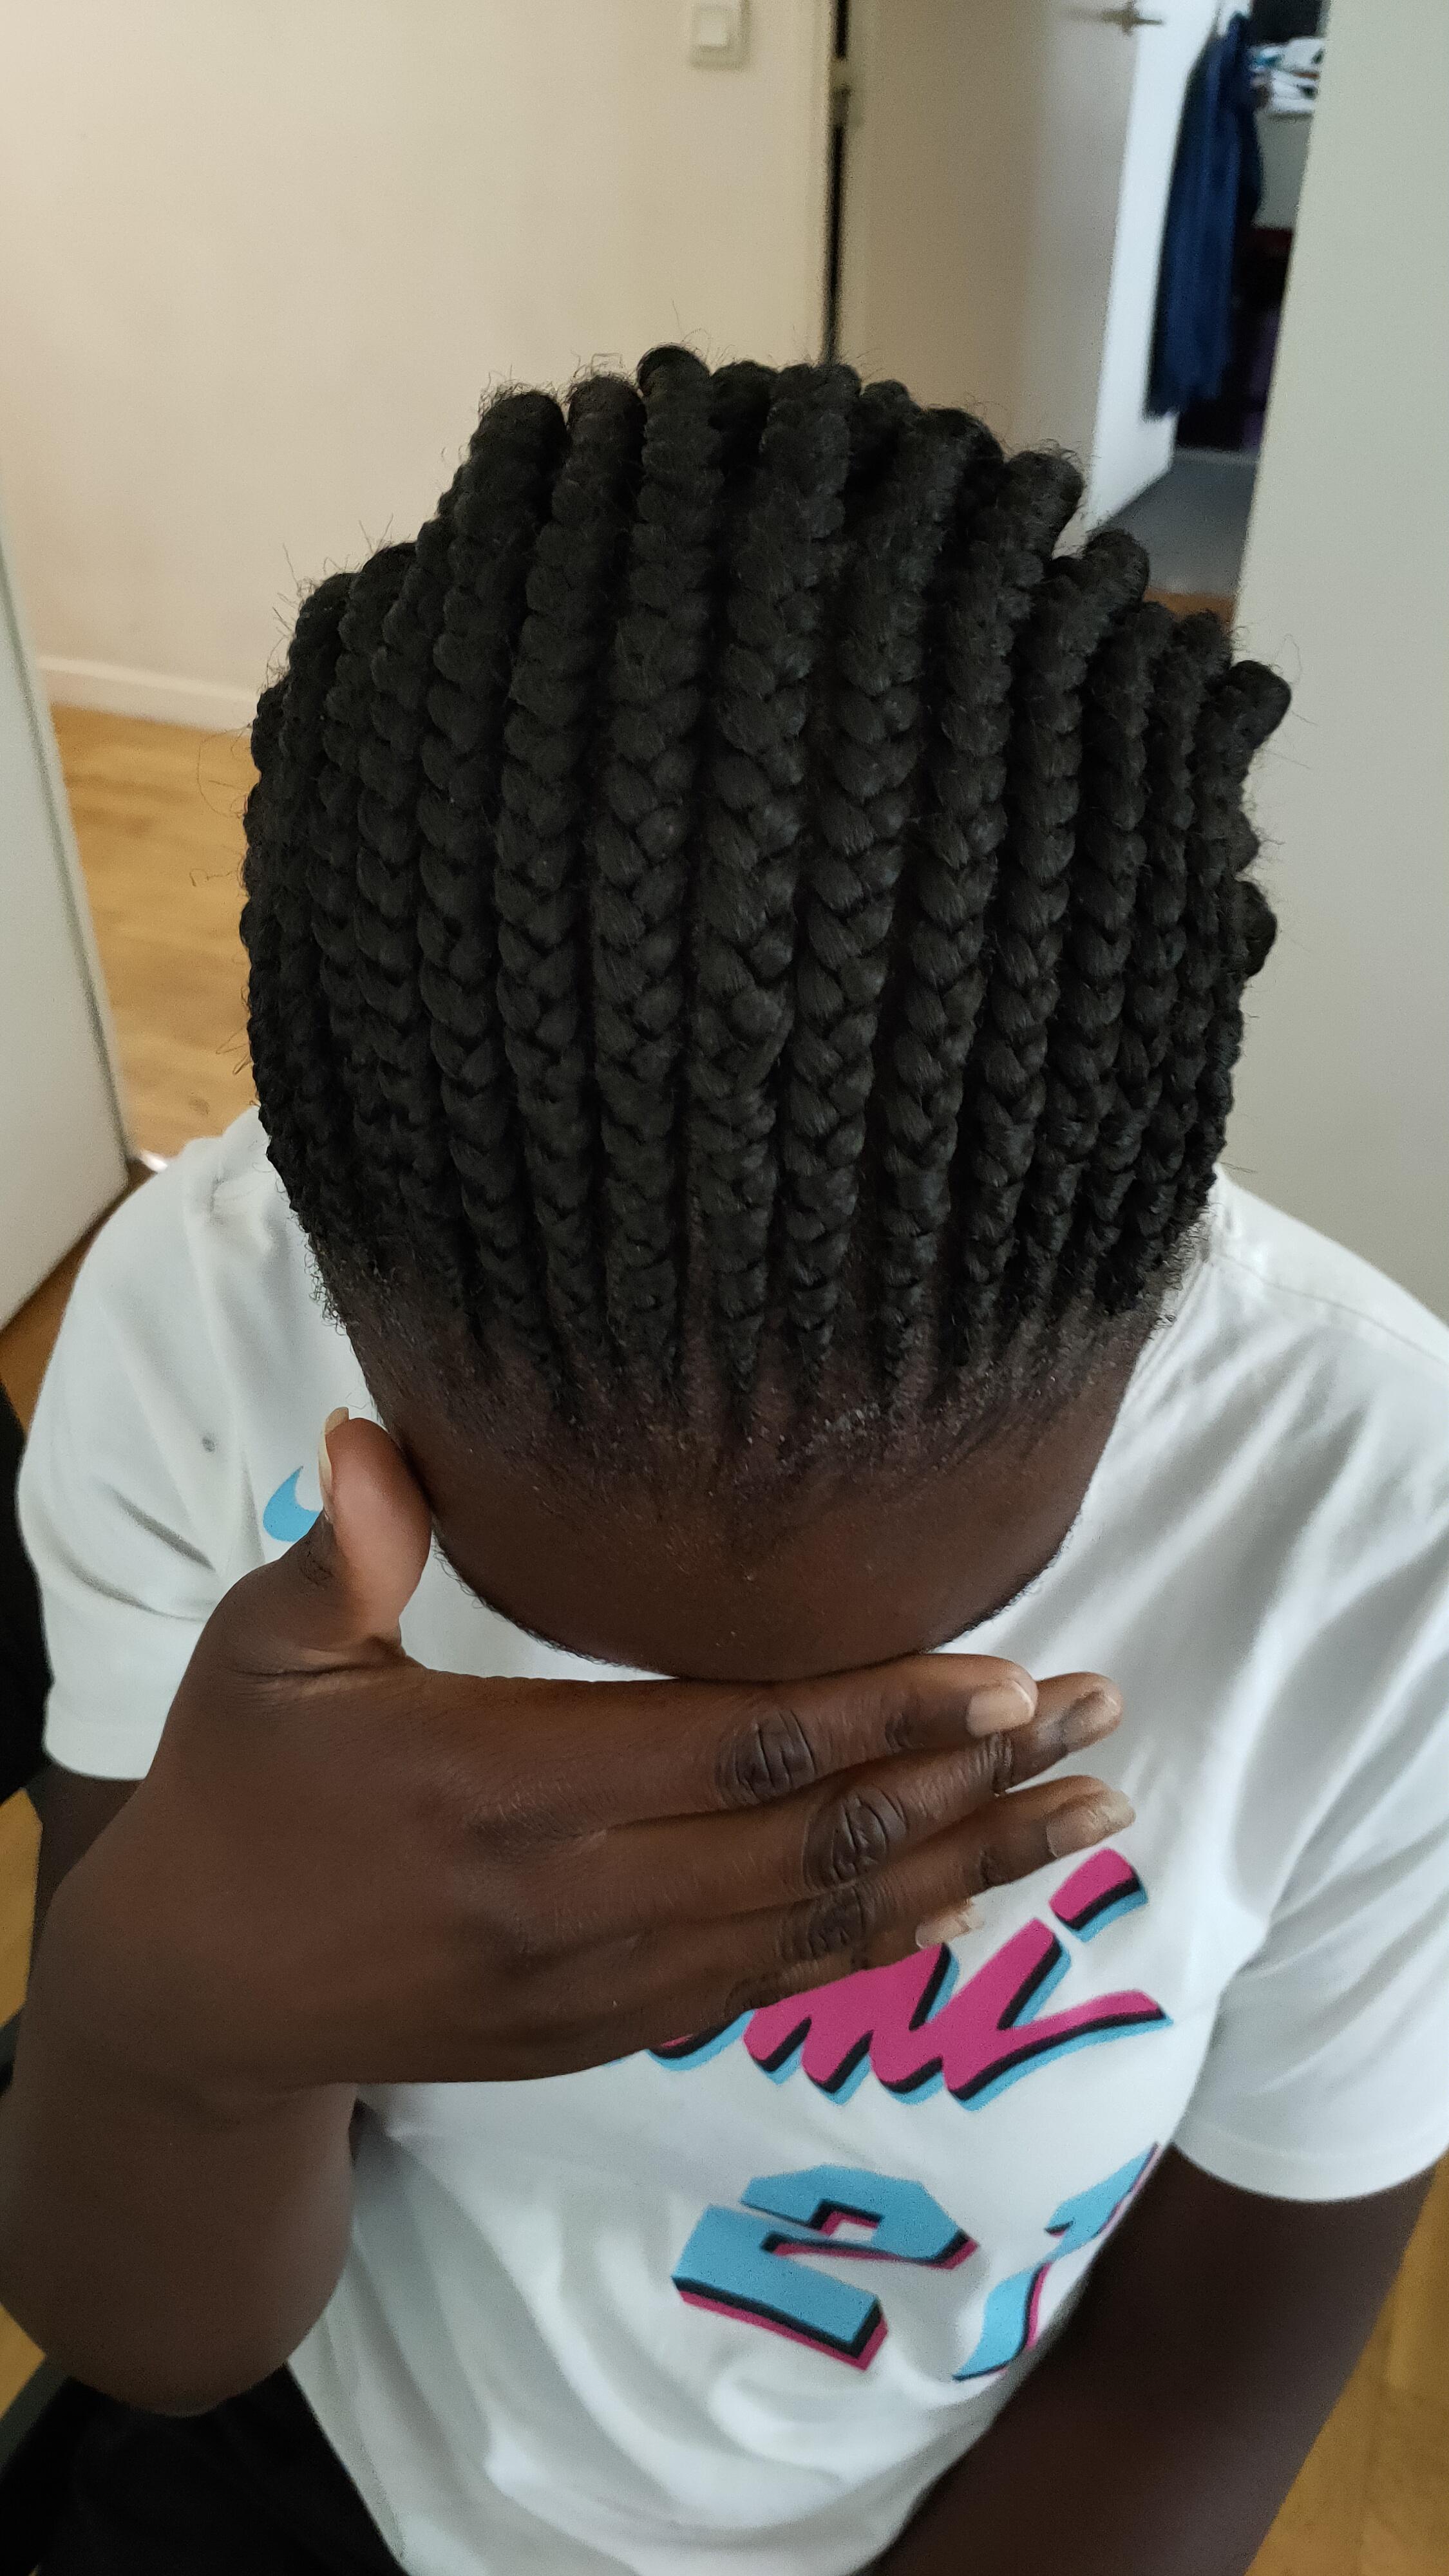 salon de coiffure afro tresse tresses box braids crochet braids vanilles tissages paris 75 77 78 91 92 93 94 95 ZLPHTDWU